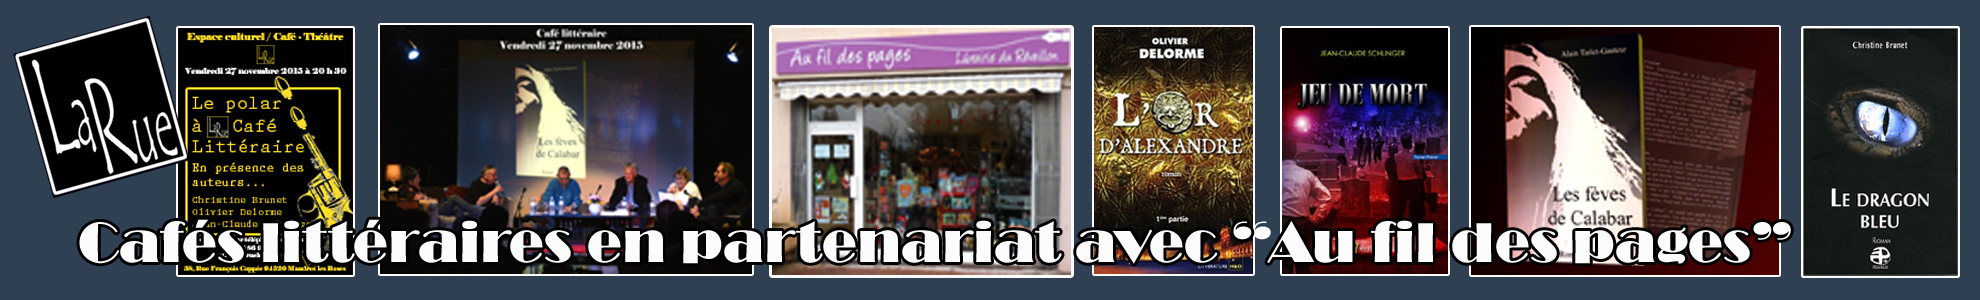 Bandeau Cafés littéraires copie N)2